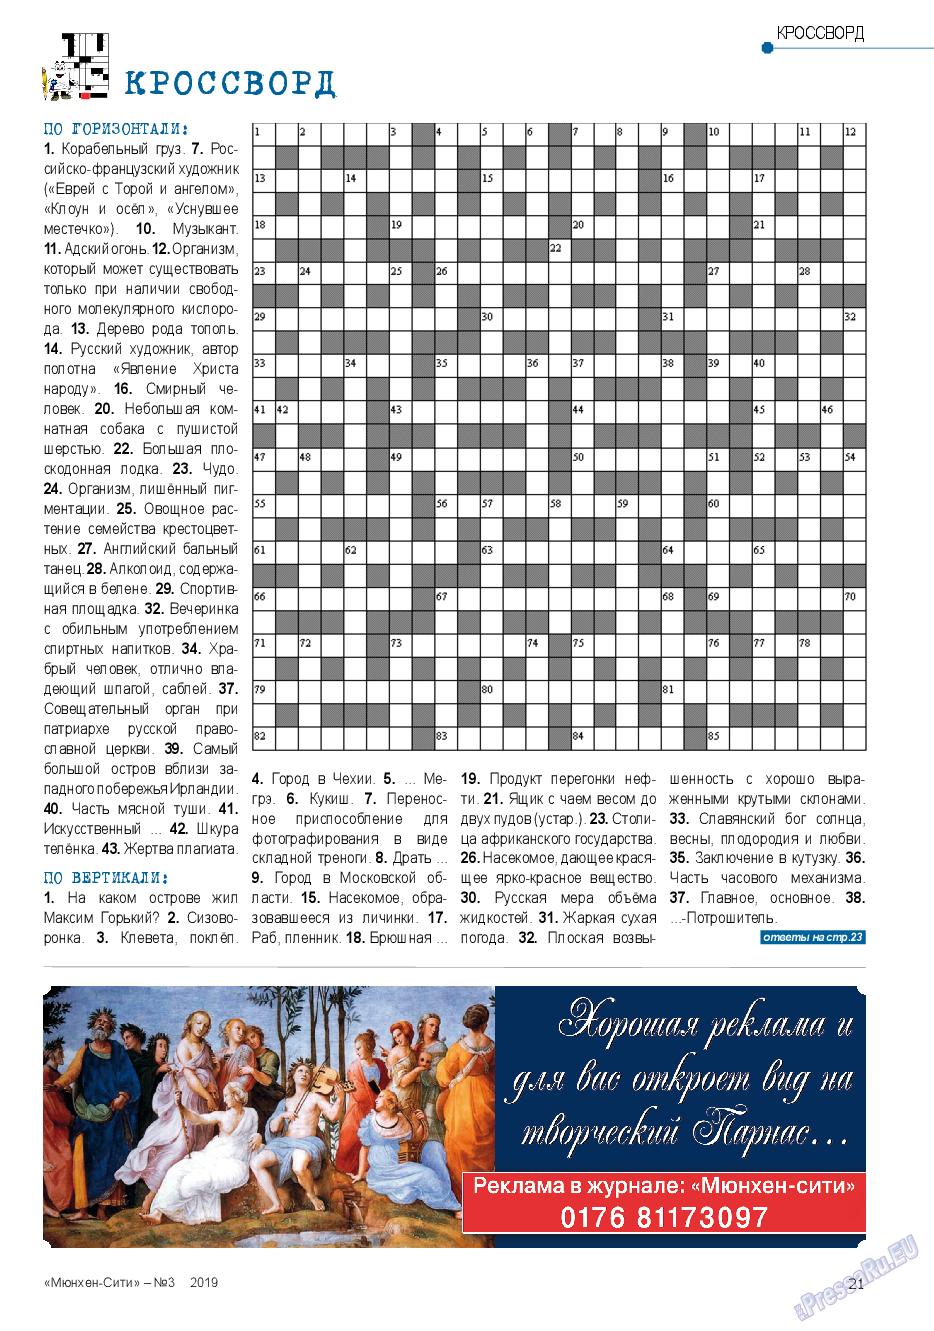 Мюнхен-сити (журнал). 2019 год, номер 91, стр. 21